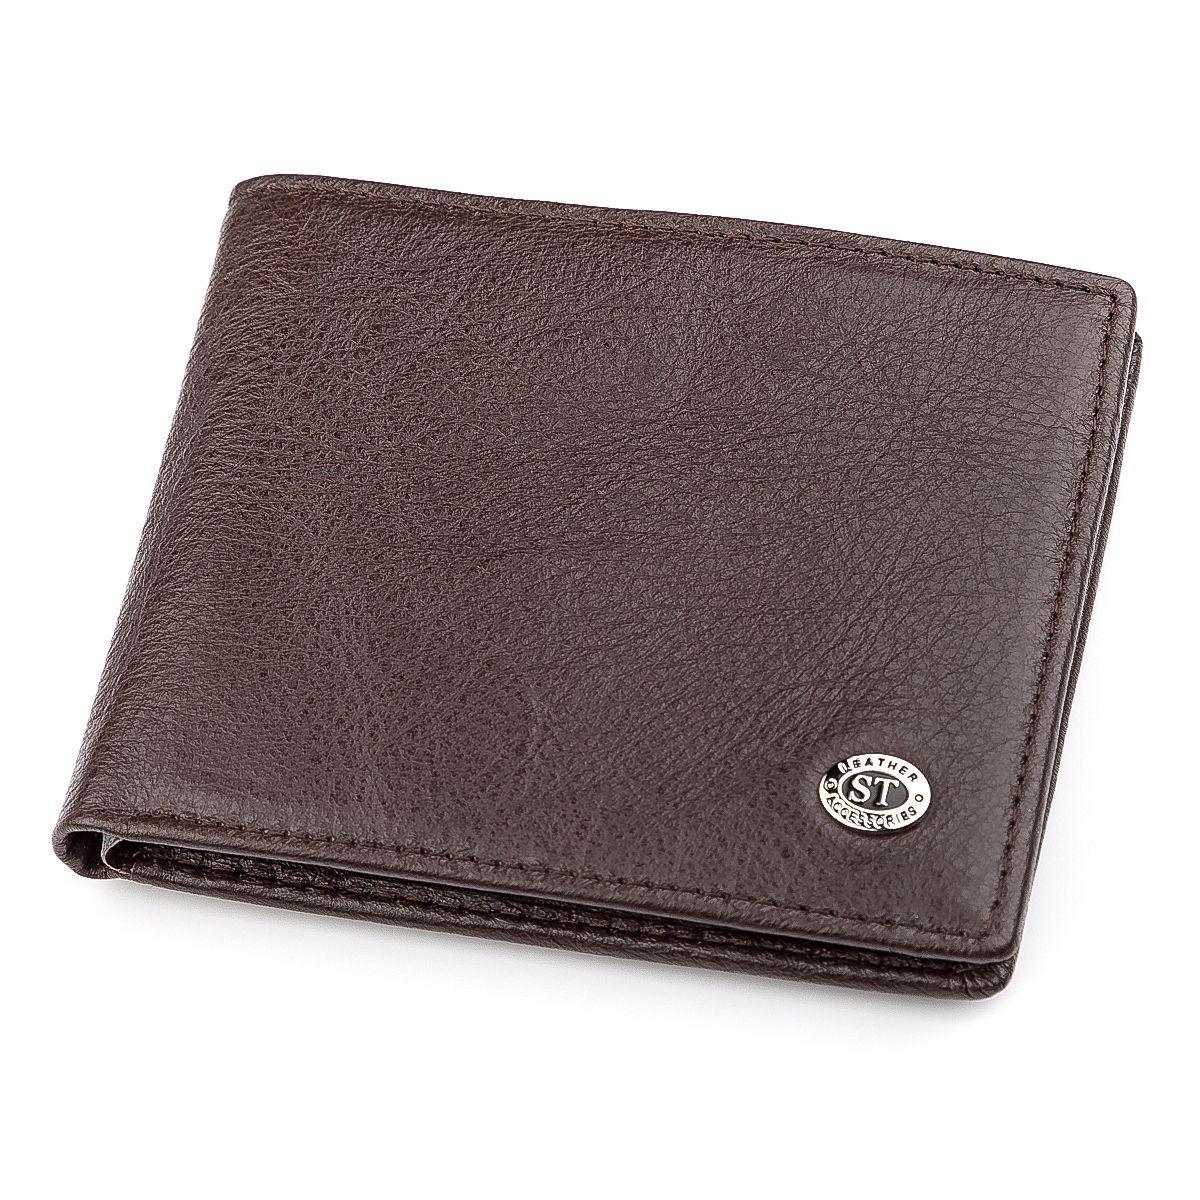 Мужской Кошелек St Leather 18320 (St160) Из Натуральной Кожи Коричневый, Коричневый